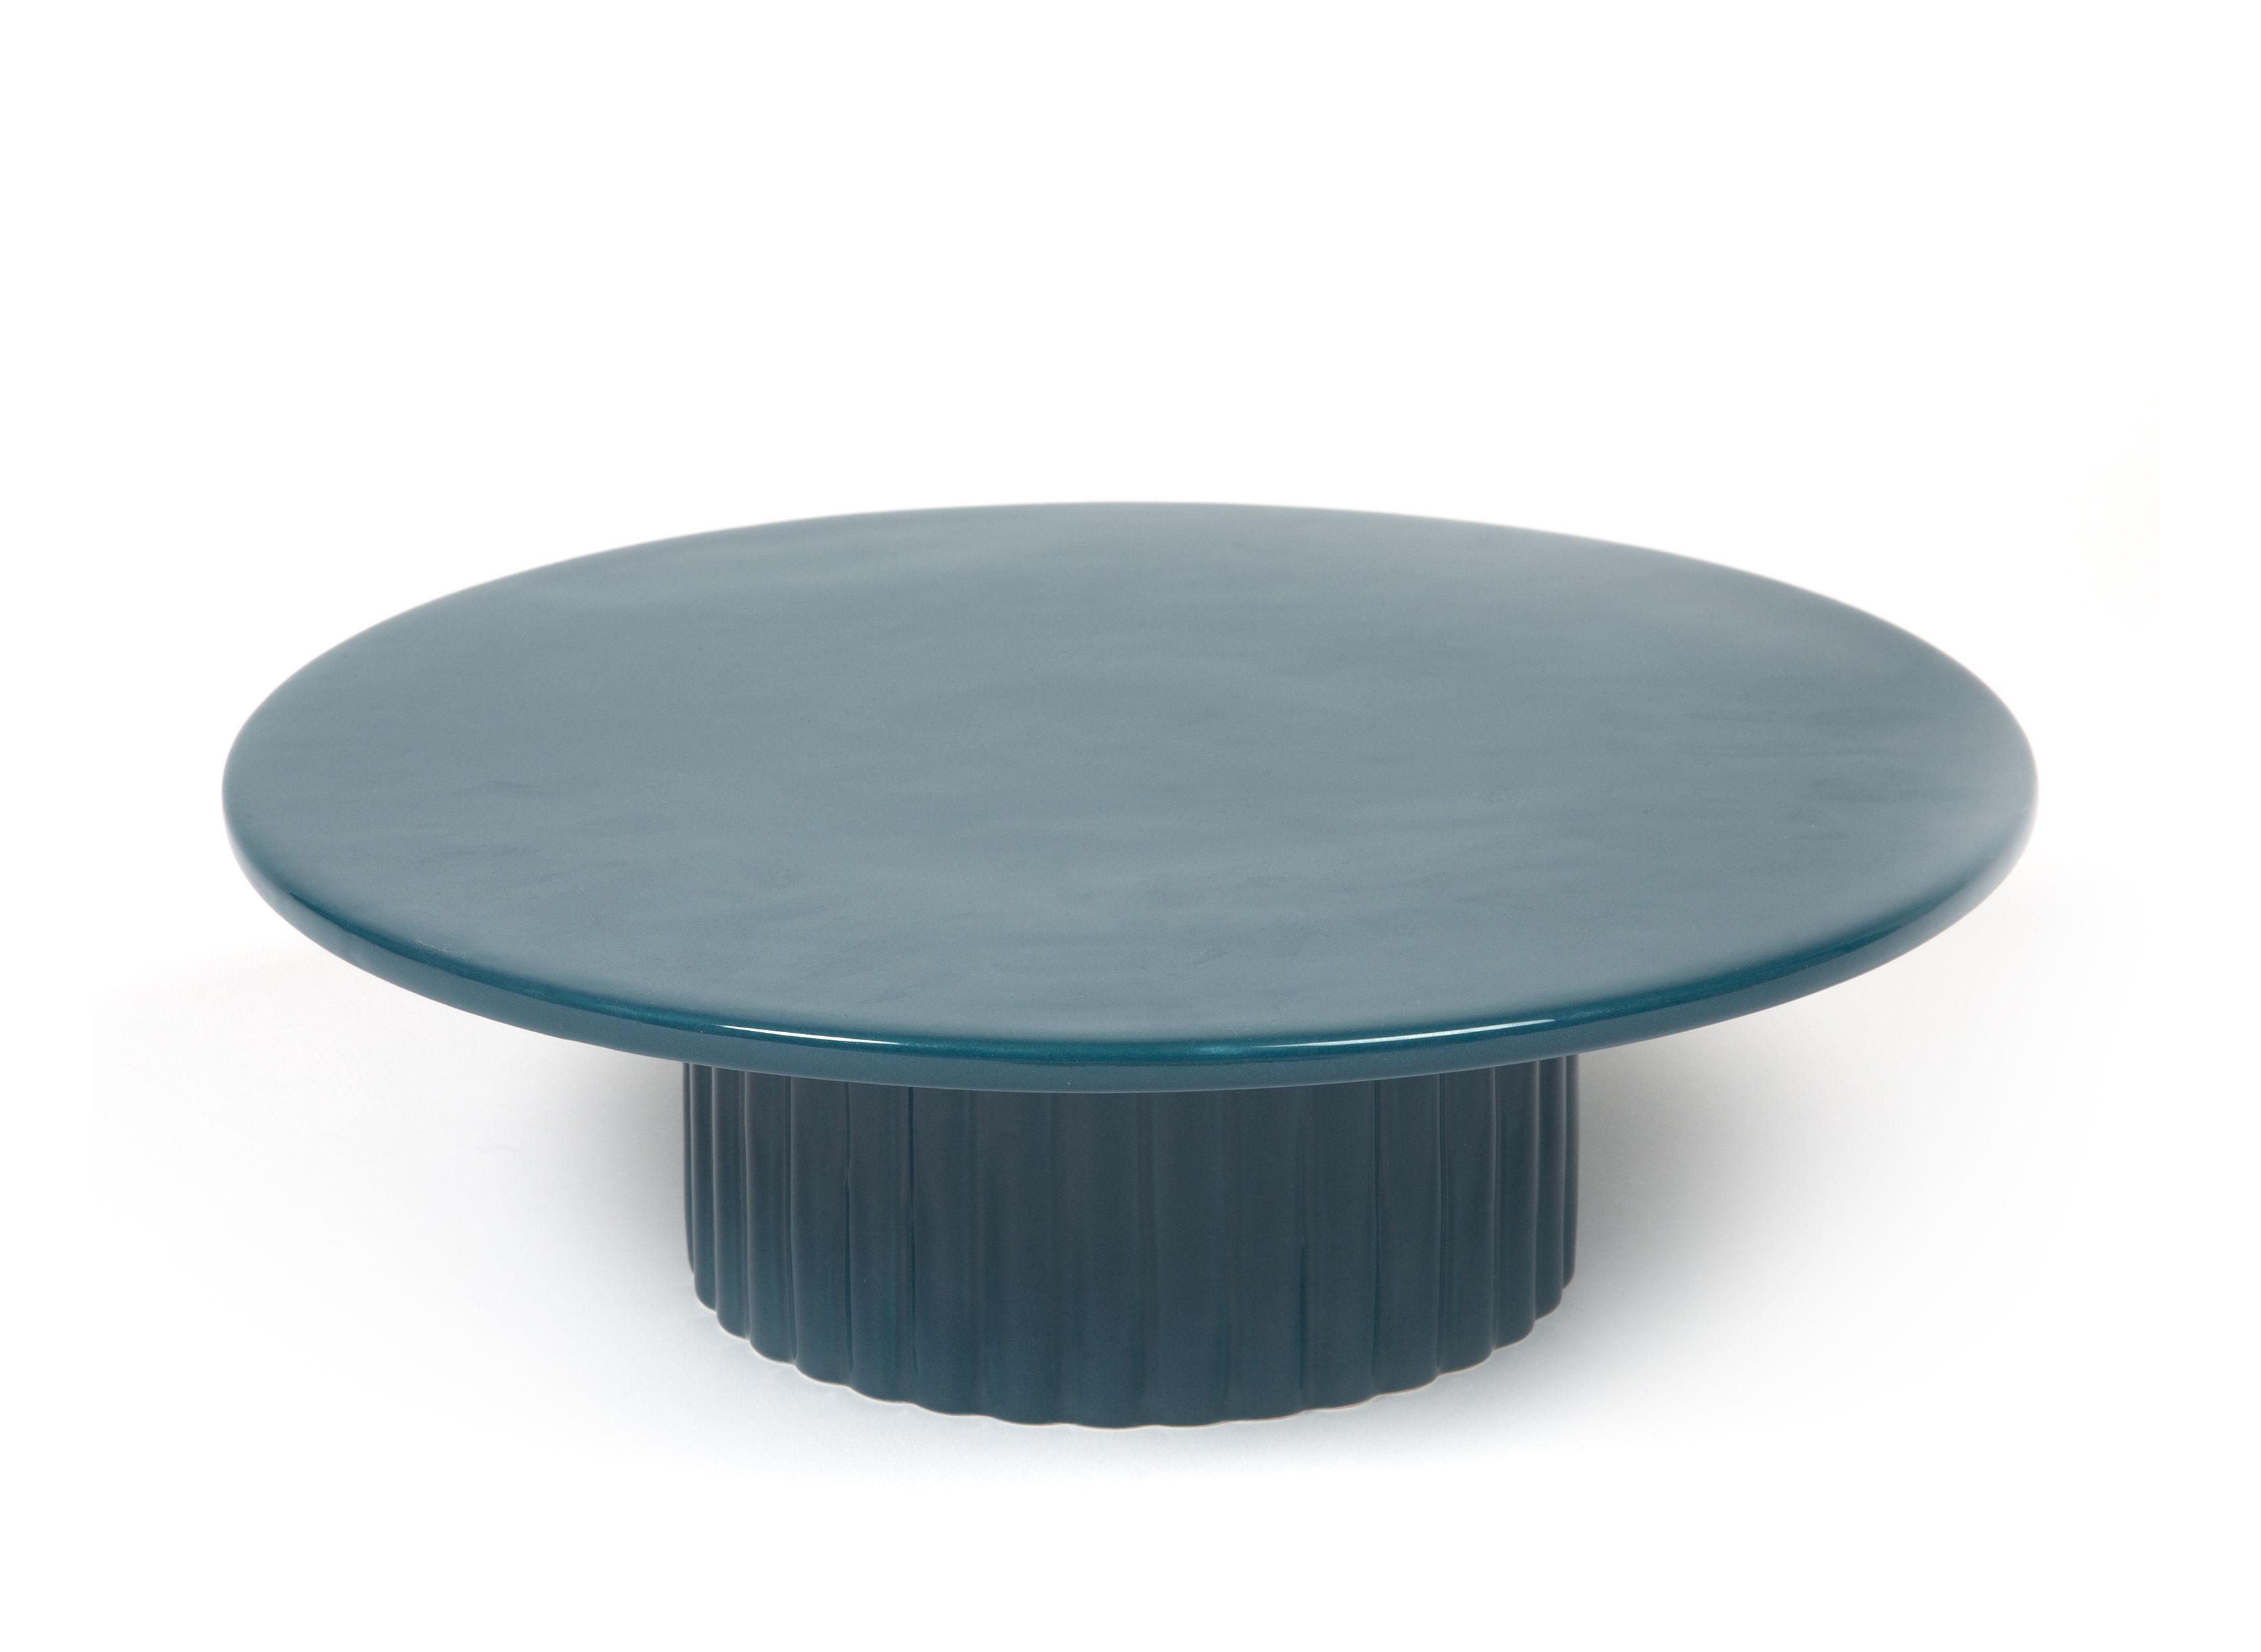 Arts de la table - Plats - Centre de table Délice / Plat à gâteau - Céramique - Ø 32 cm - Maison Sarah Lavoine - Bleu - Céramique